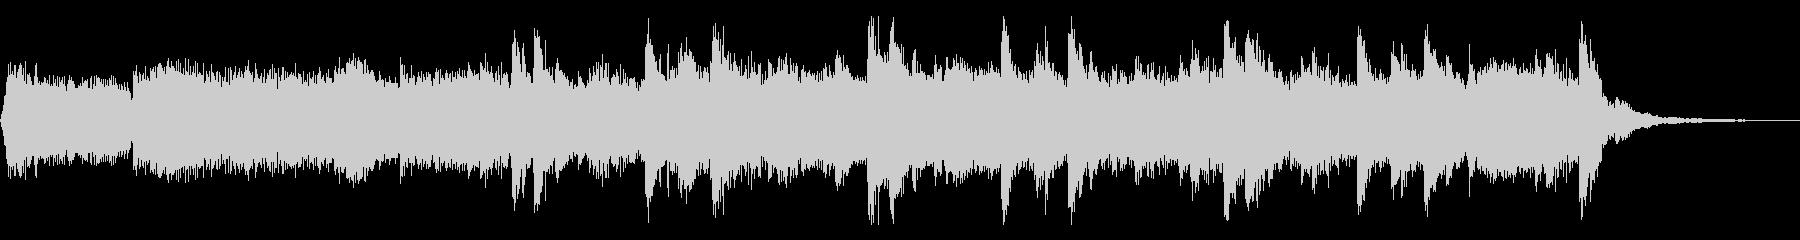 メローなエレクトロニカの未再生の波形